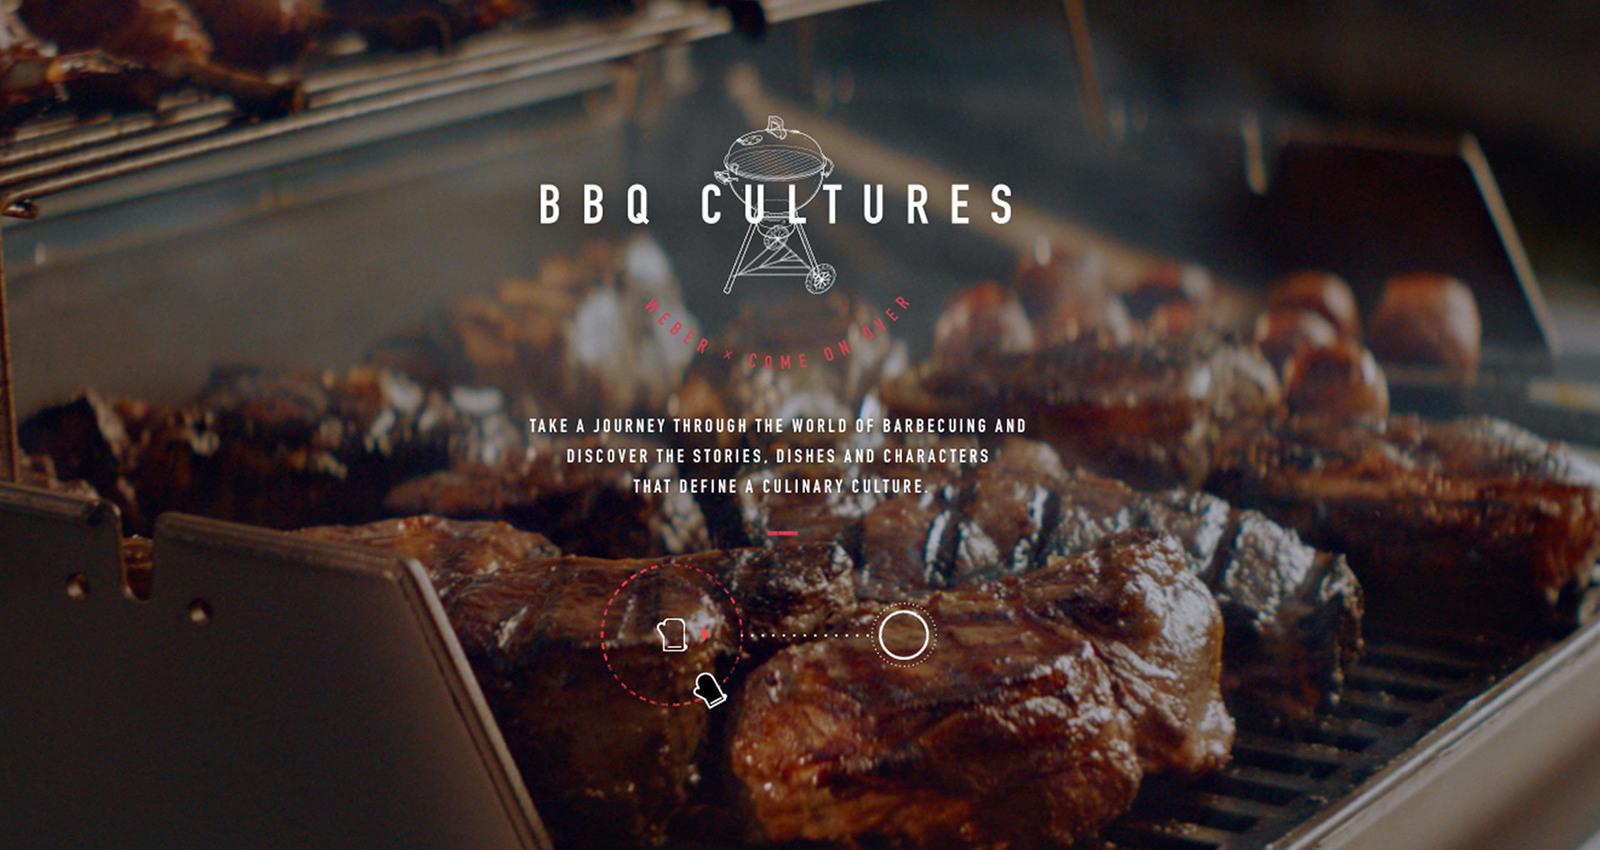 BBQ Cultures